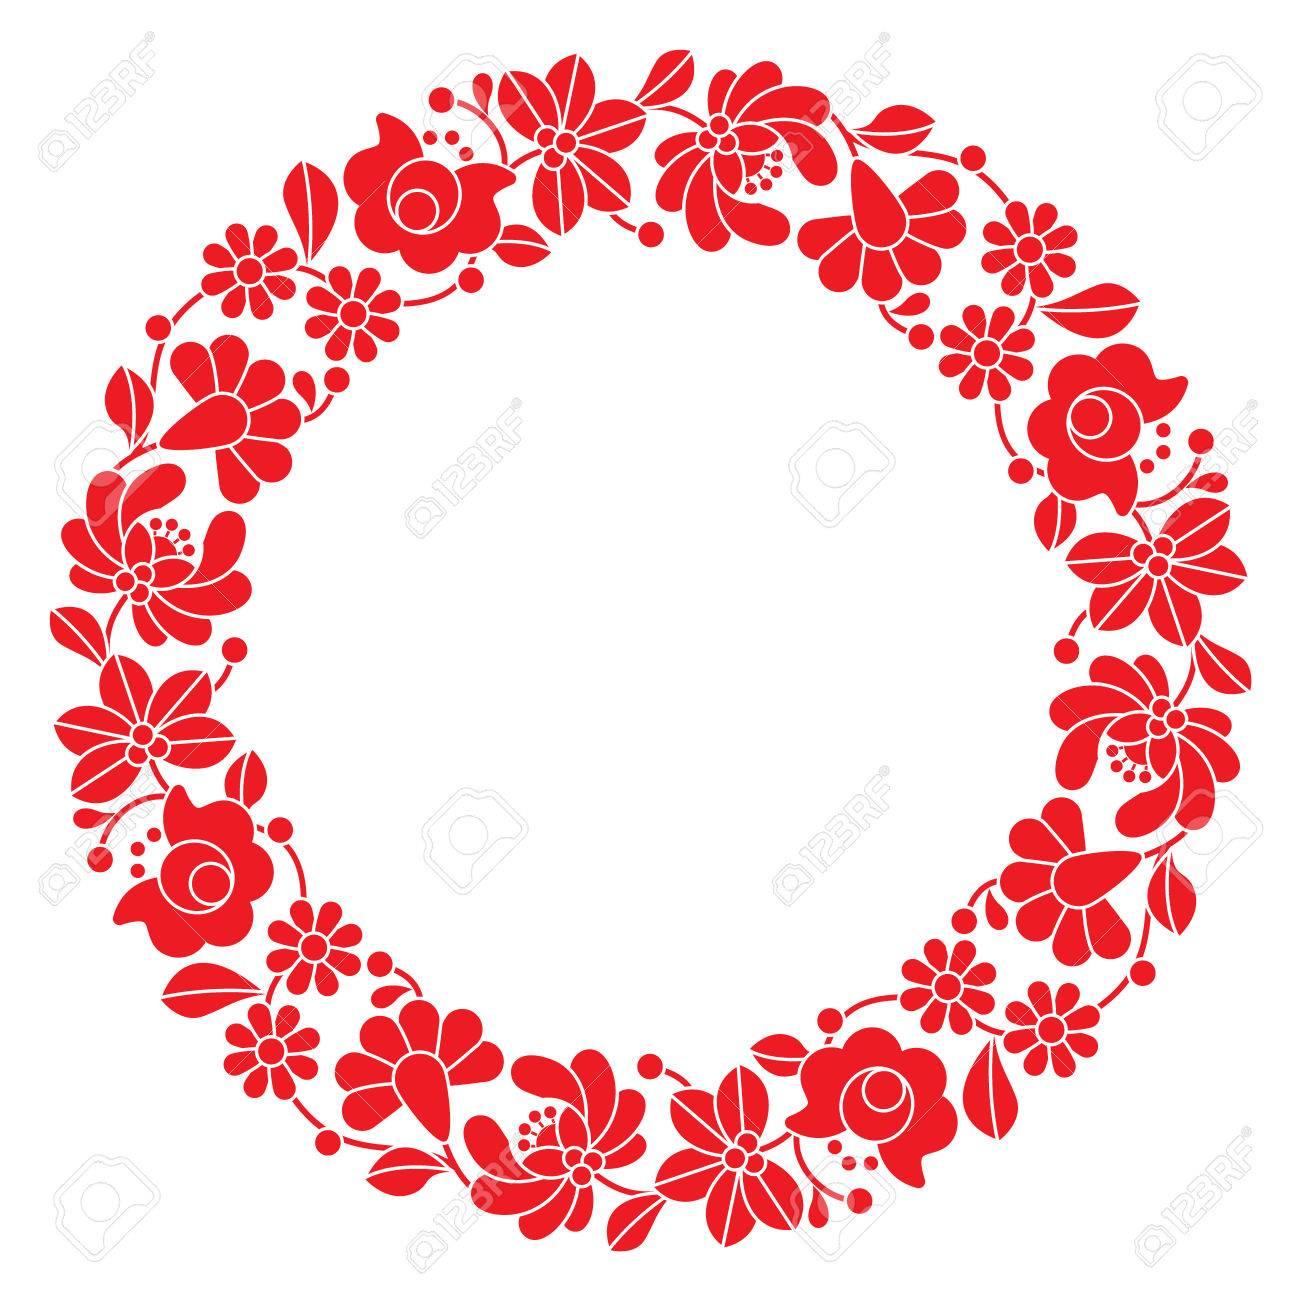 Kalocsai Rojo Bordado En El Círculo - Patrón Floral Popular Húngaro ...